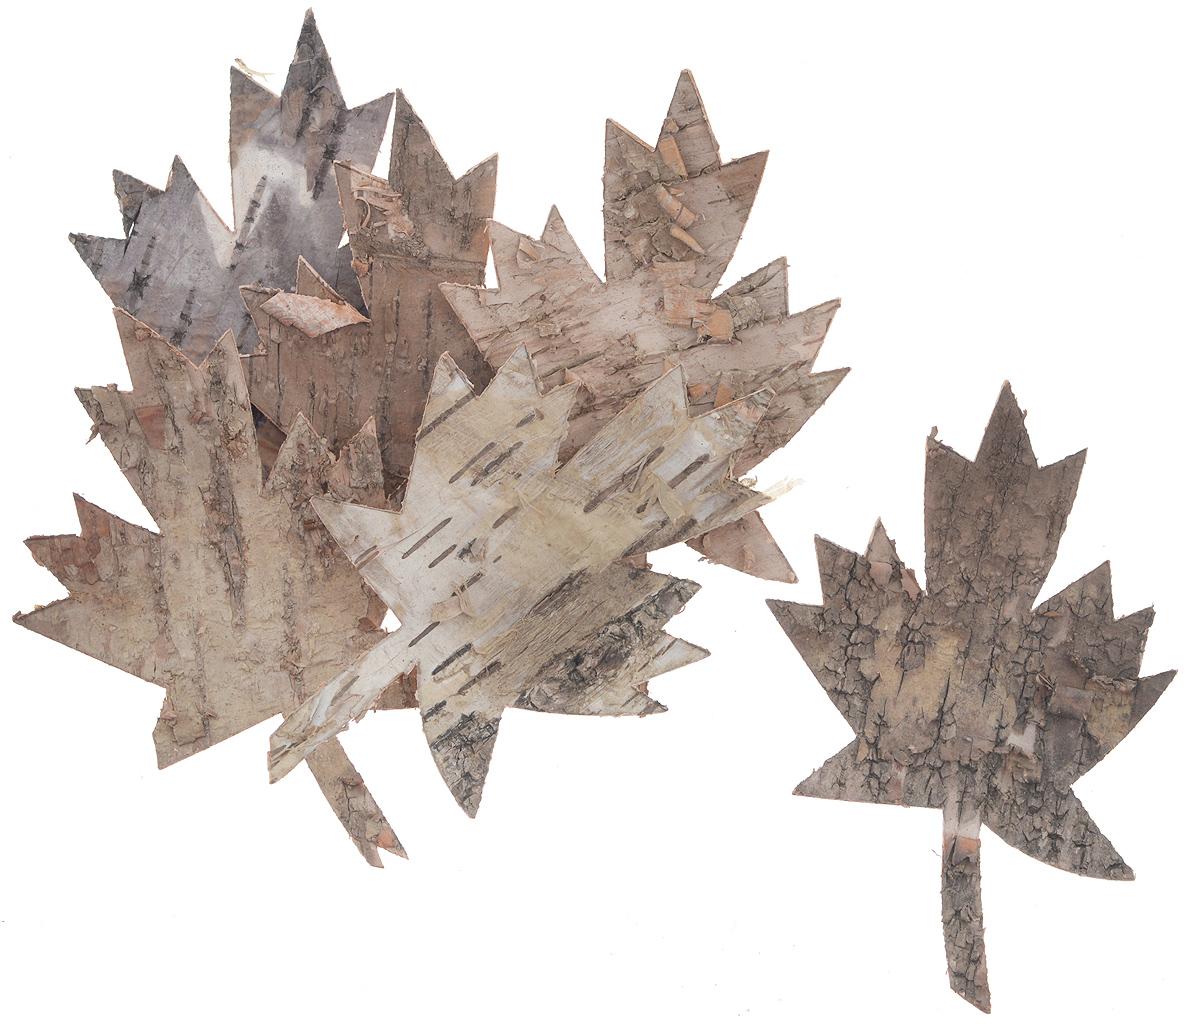 Декоративный элемент Dongjiang Art Кленовый лист, цвет: натуральное дерево, 6 шт7709012_нат/деревоДекоративный элемент Dongjiang Art Кленовый лист, изготовленный из натуральной коры дерева, предназначен дляукрашения цветочных композиций. Изделие можно также использовать в технике скрапбукинг и многом другом.Флористика - вид декоративно-прикладного искусства, который использует живые, засушенные иликонсервированные природные материалы для создания флористических работ. Это целый мир, в котором естьместо и строгому математическому расчету, и вдохновению. Размер одного элемента: 7 см х 10,5 см.